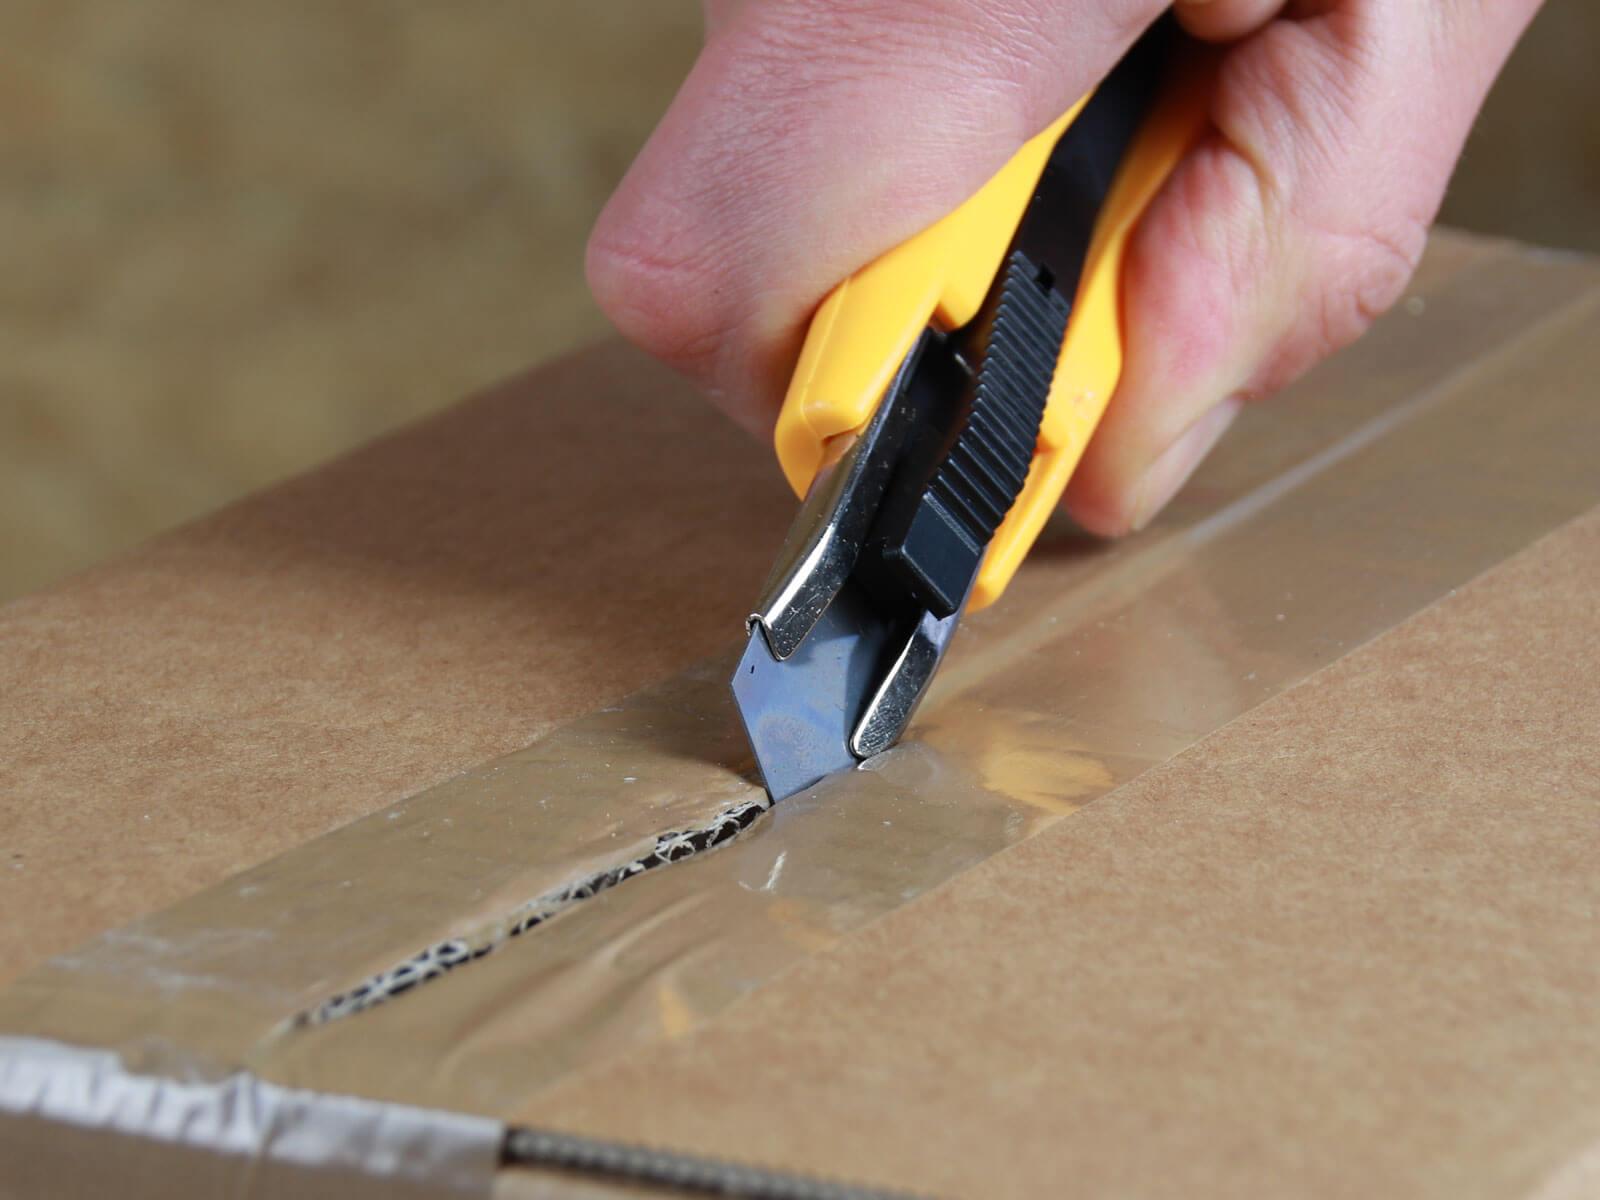 U013 Sicherheitsmesser automatischer Klingenrückzug Basic Klebeband schneiden CURT-tools